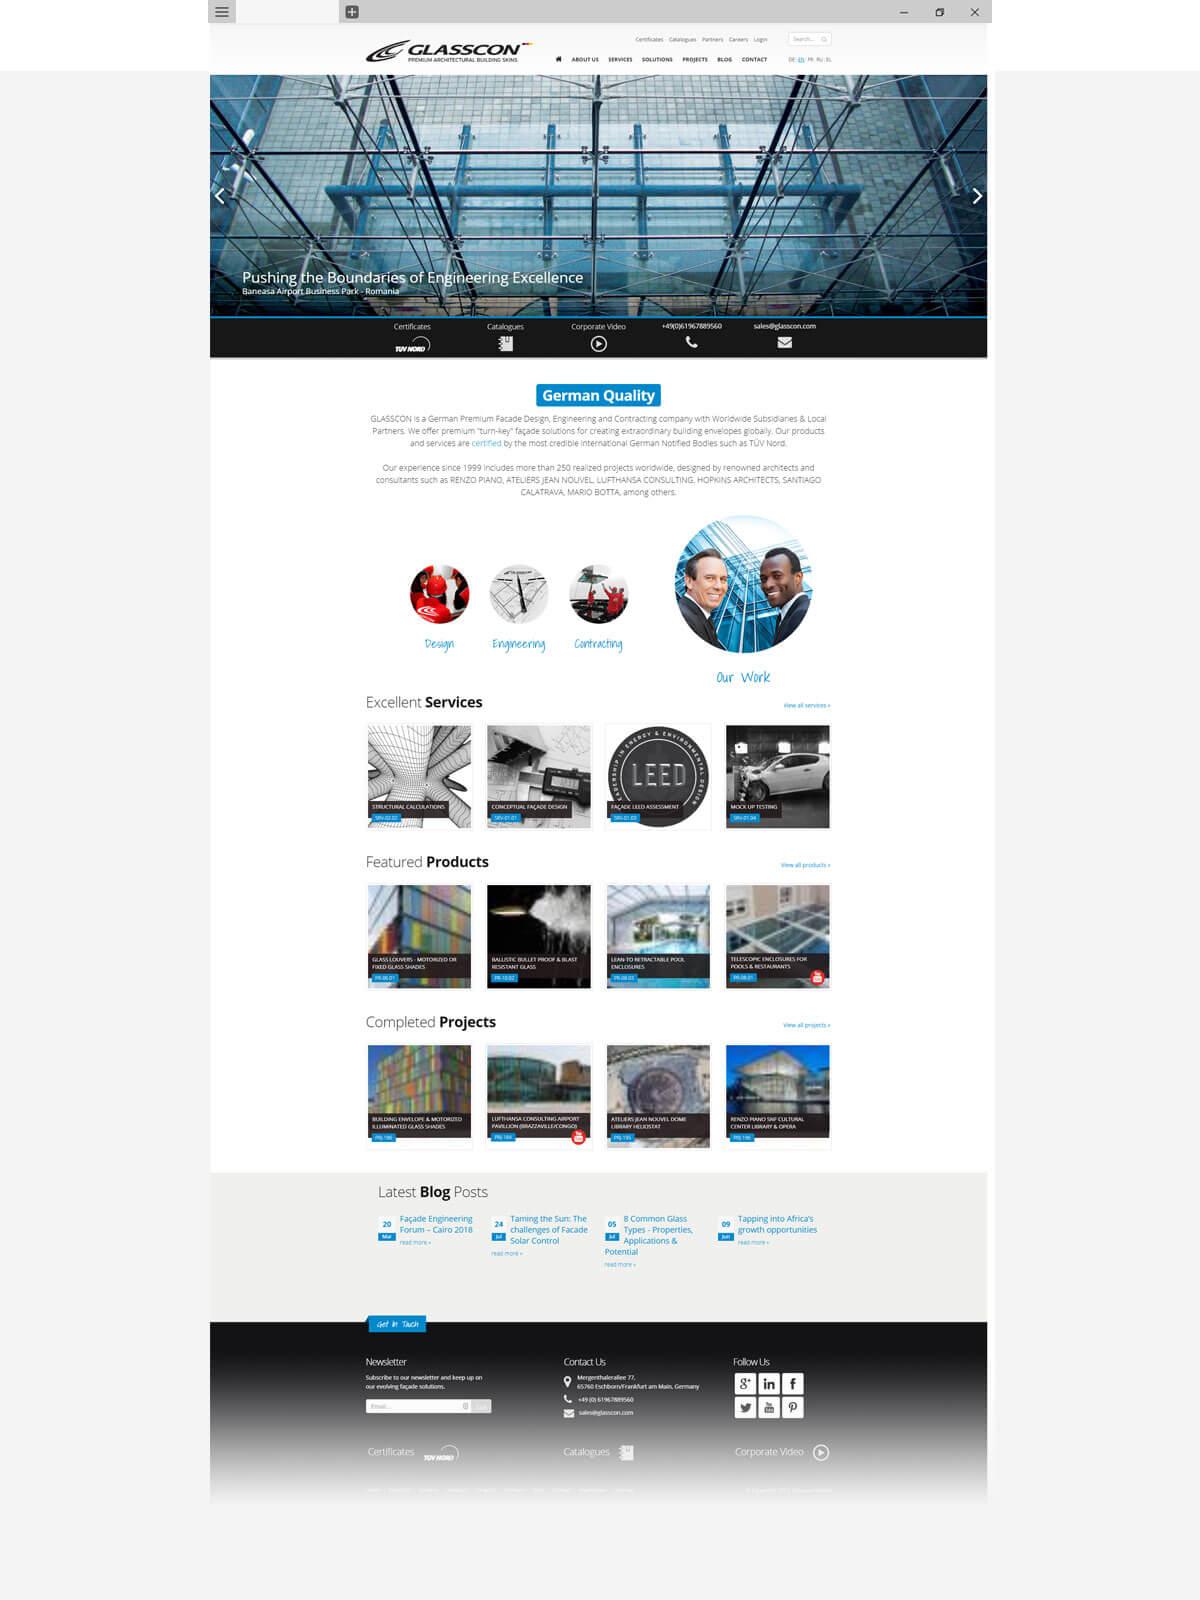 工程设计与承包建筑公司英文网站